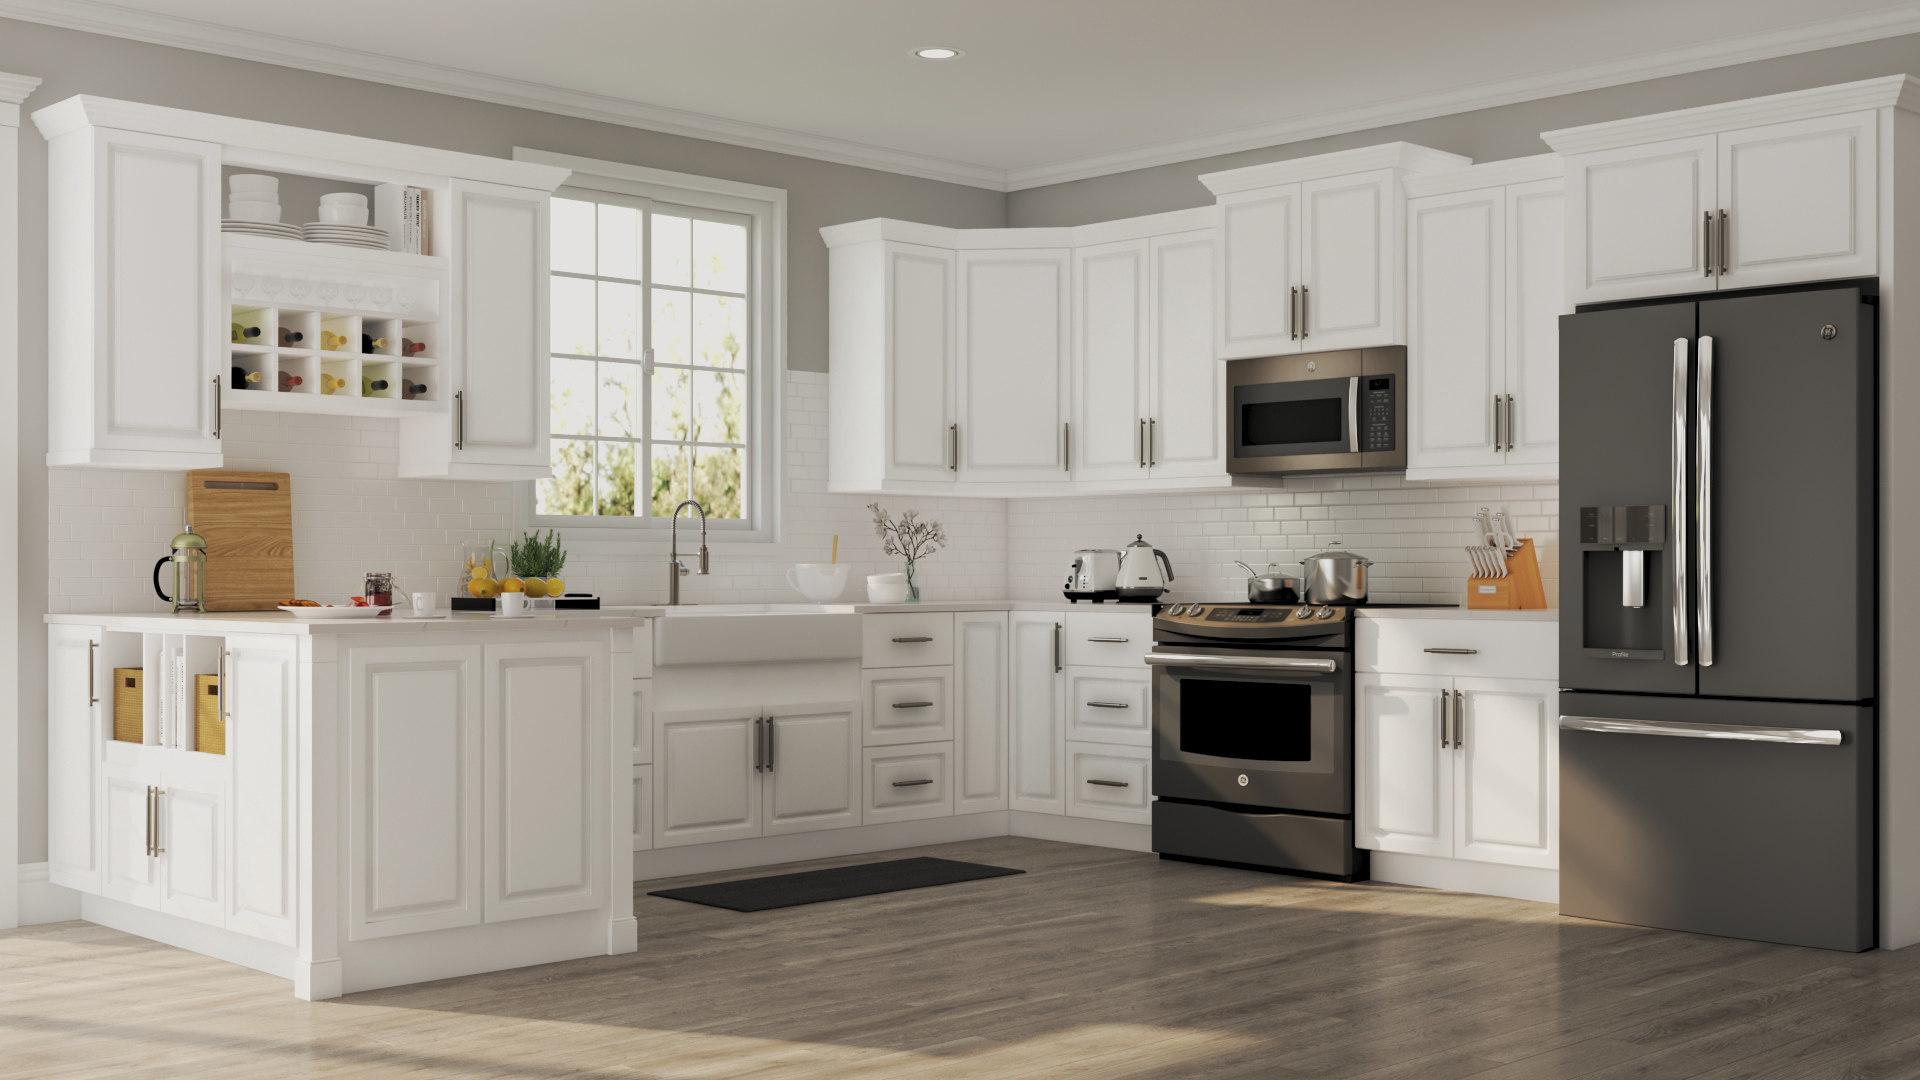 Hampton Cabinet Accessories in White  Kitchen  The Home